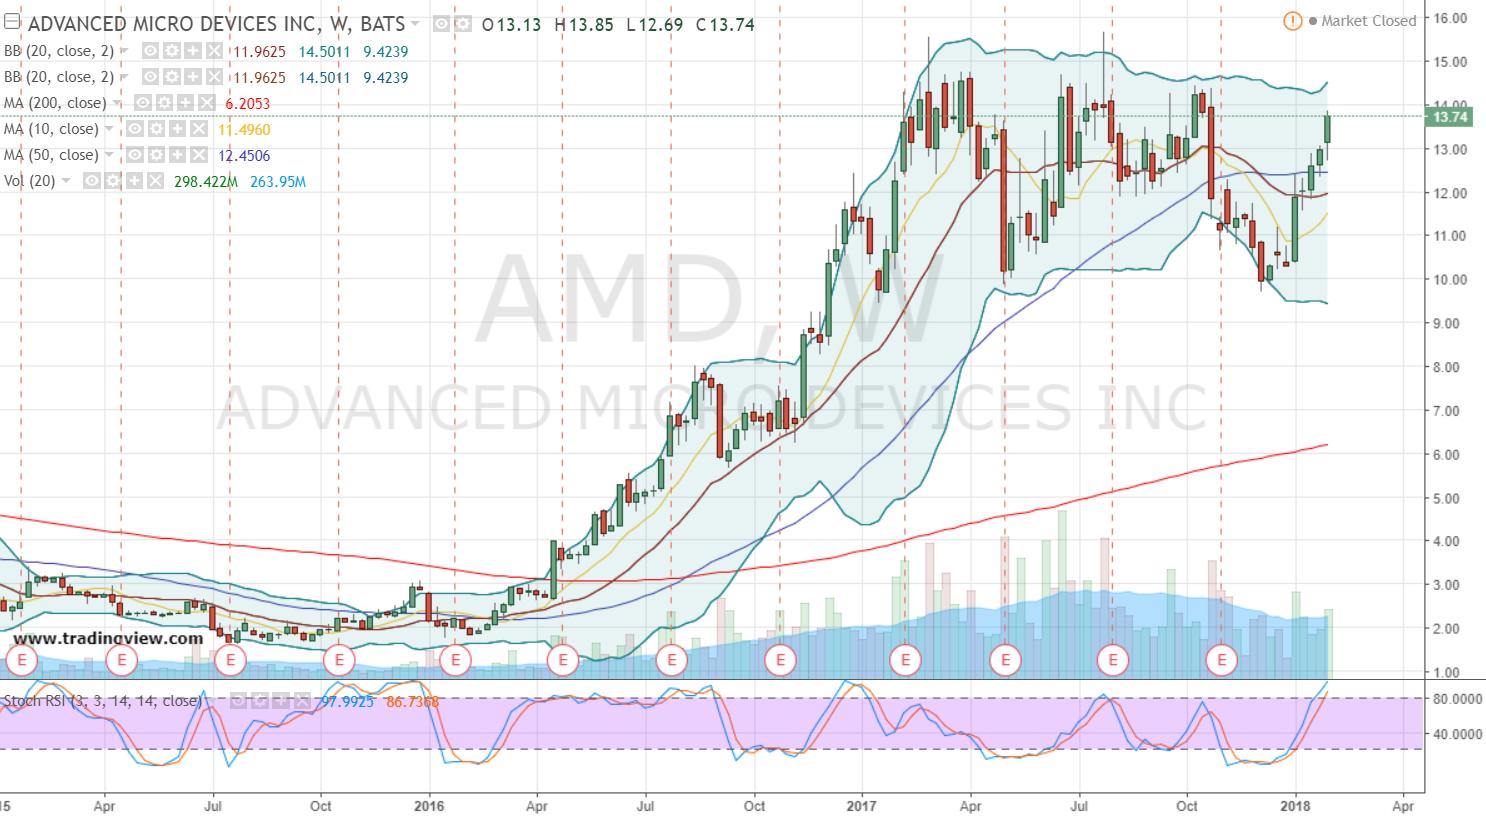 AMD Stock Weekly Chart